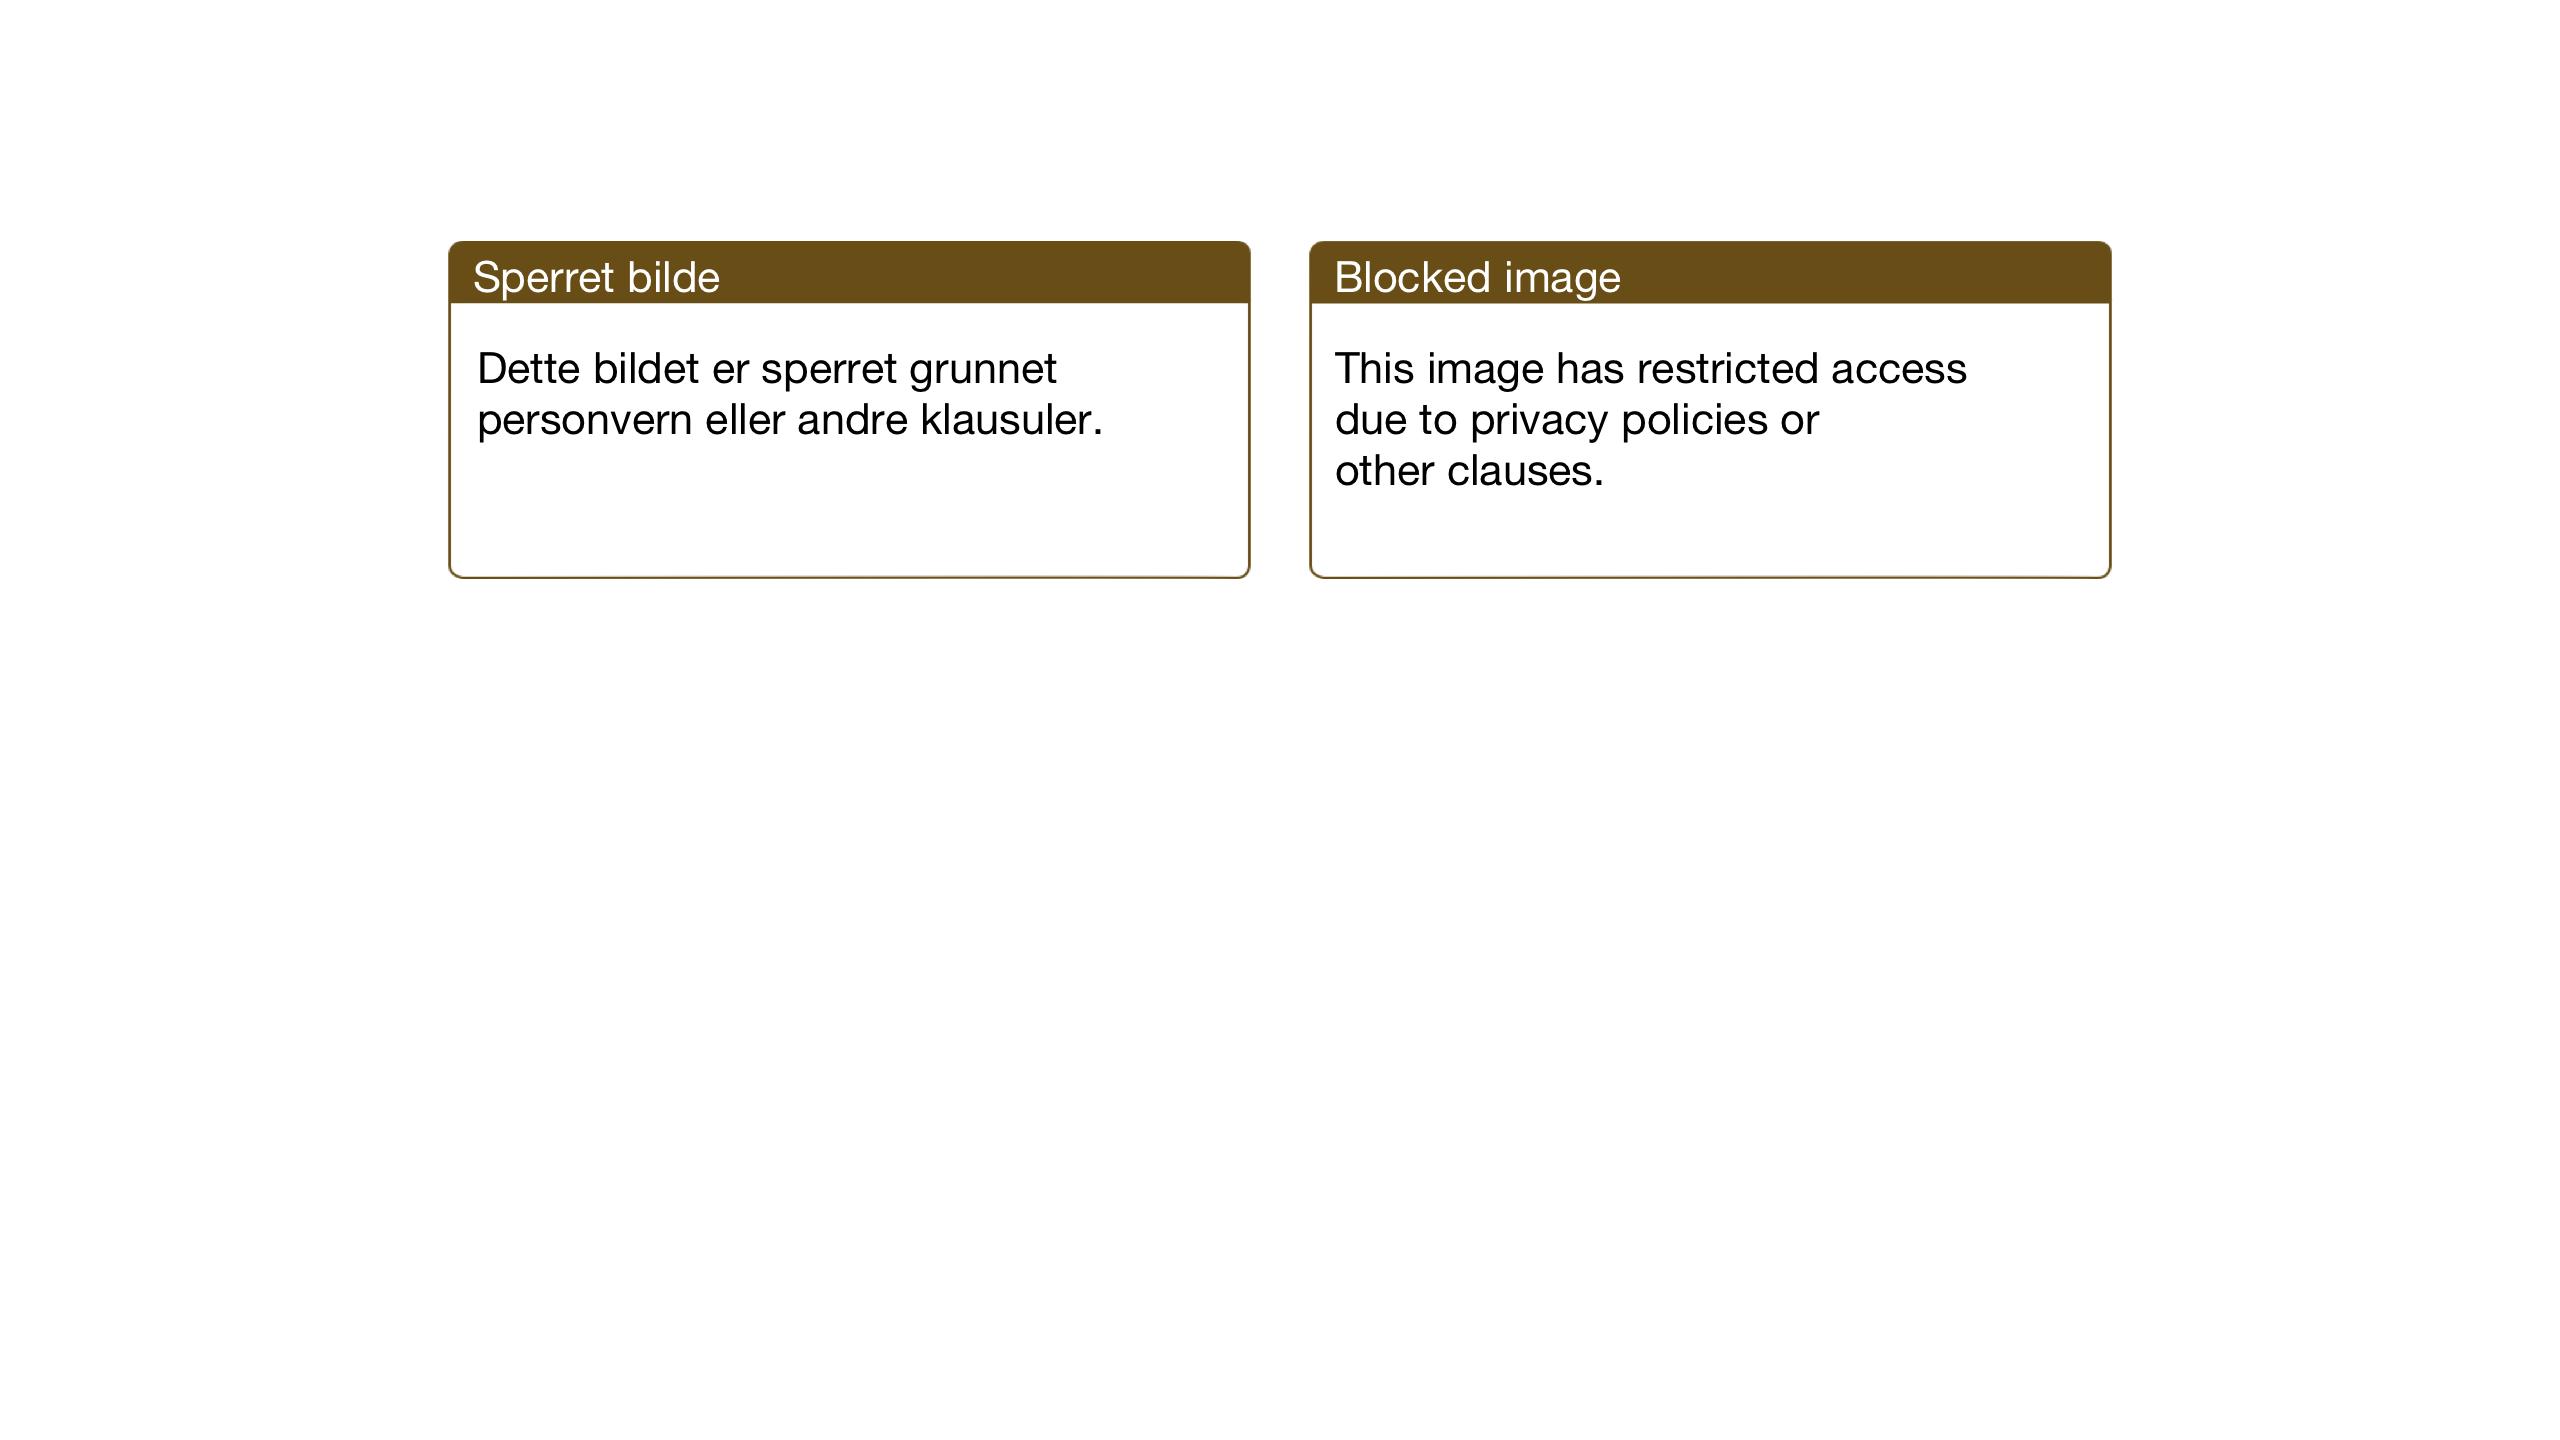 SAT, Ministerialprotokoller, klokkerbøker og fødselsregistre - Sør-Trøndelag, 696/L1161: Klokkerbok nr. 696C01, 1902-1950, s. 68